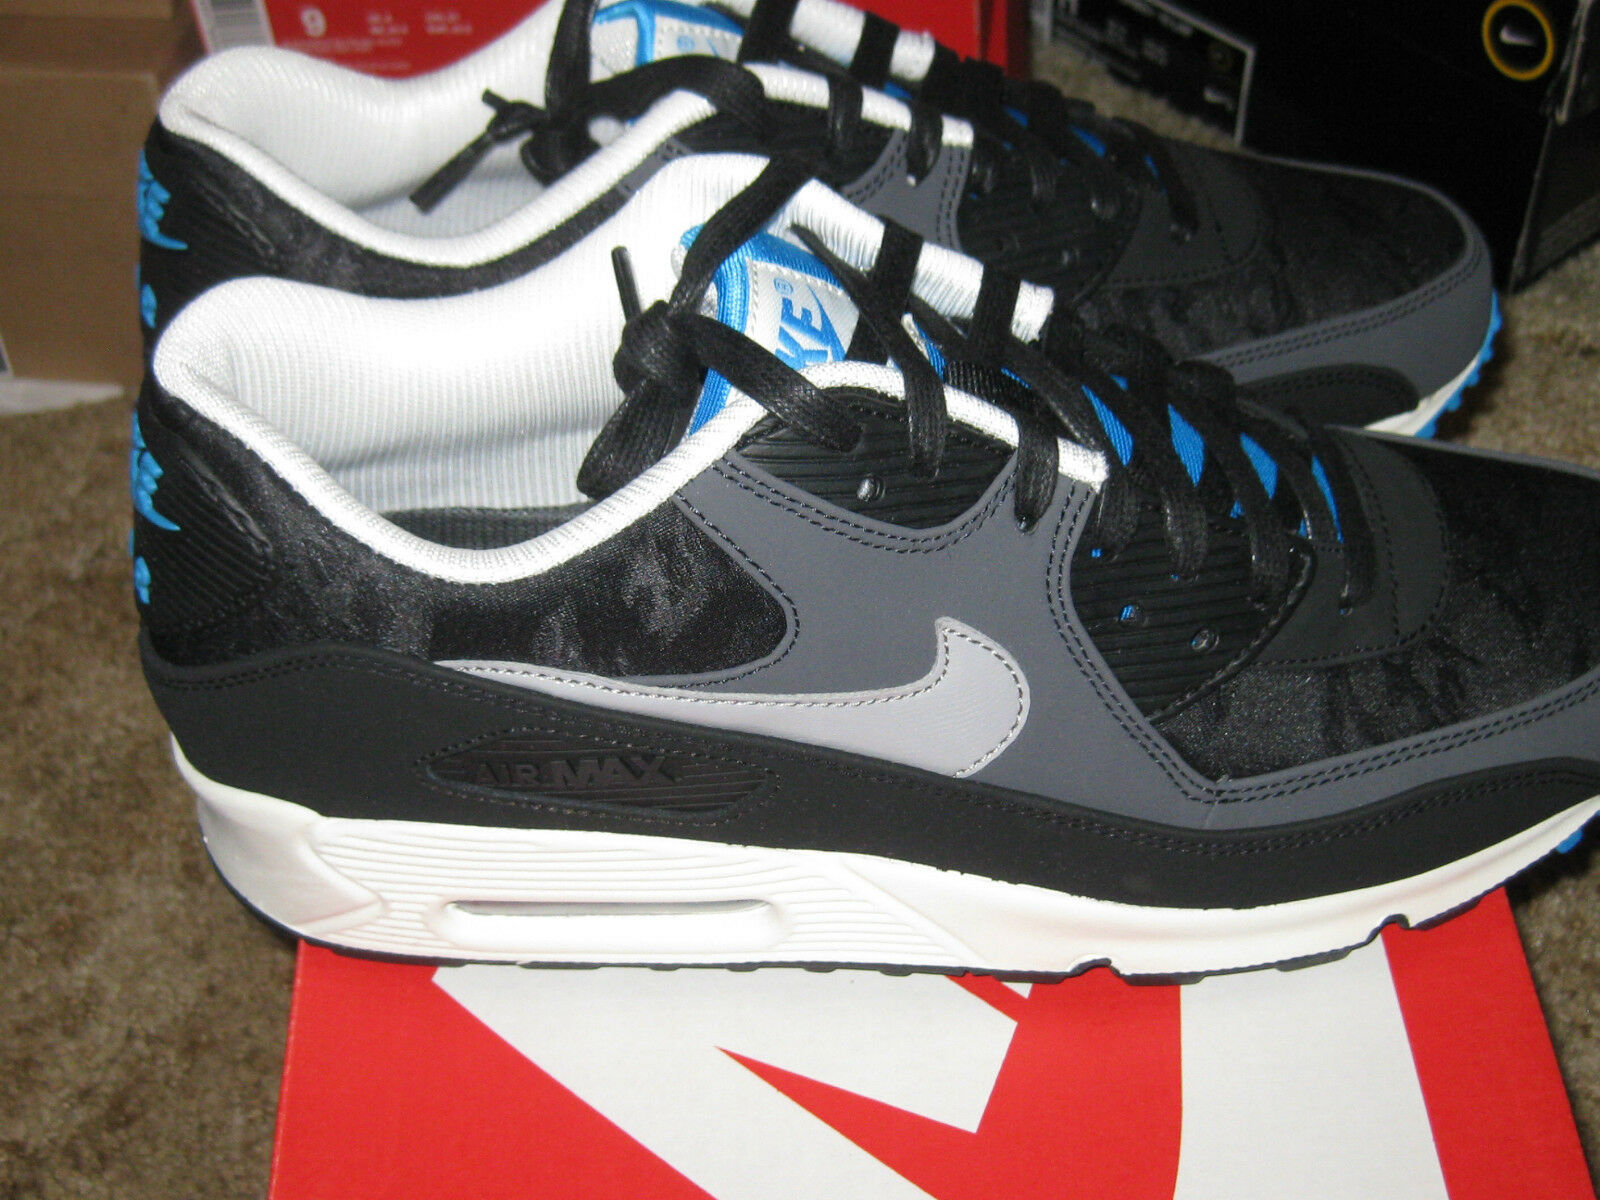 Nike Air Max 90 Premium 333888 021 Mens scarpe Dimensione  42.5 44 US 9 UK 9 NUOVO  comprare sconti